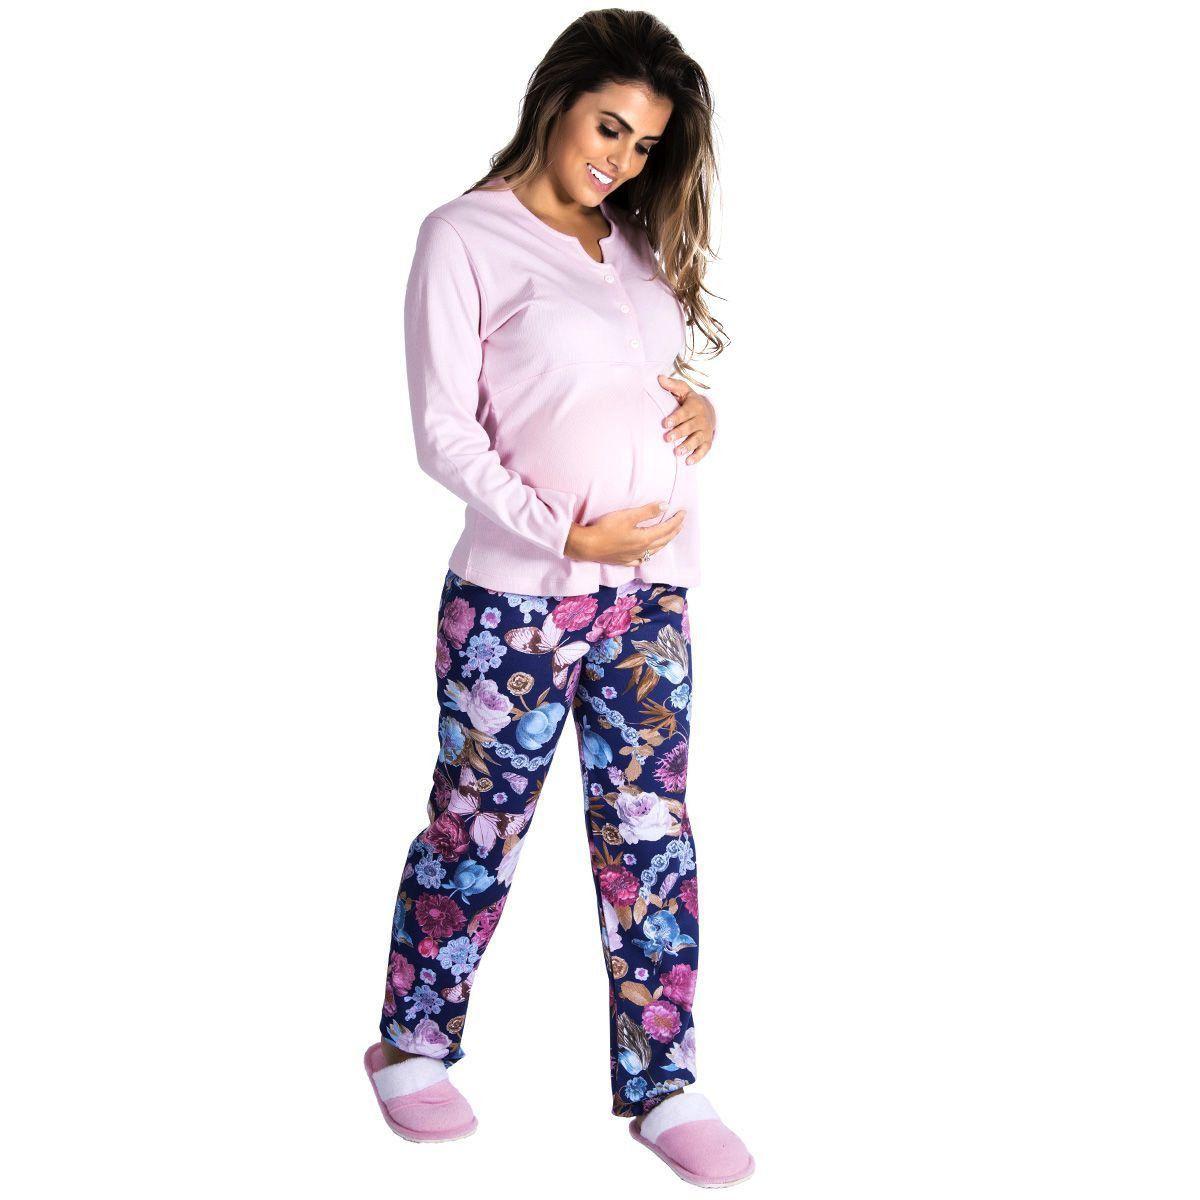 Pijama Feminino Longo Gestante Adulto Victory